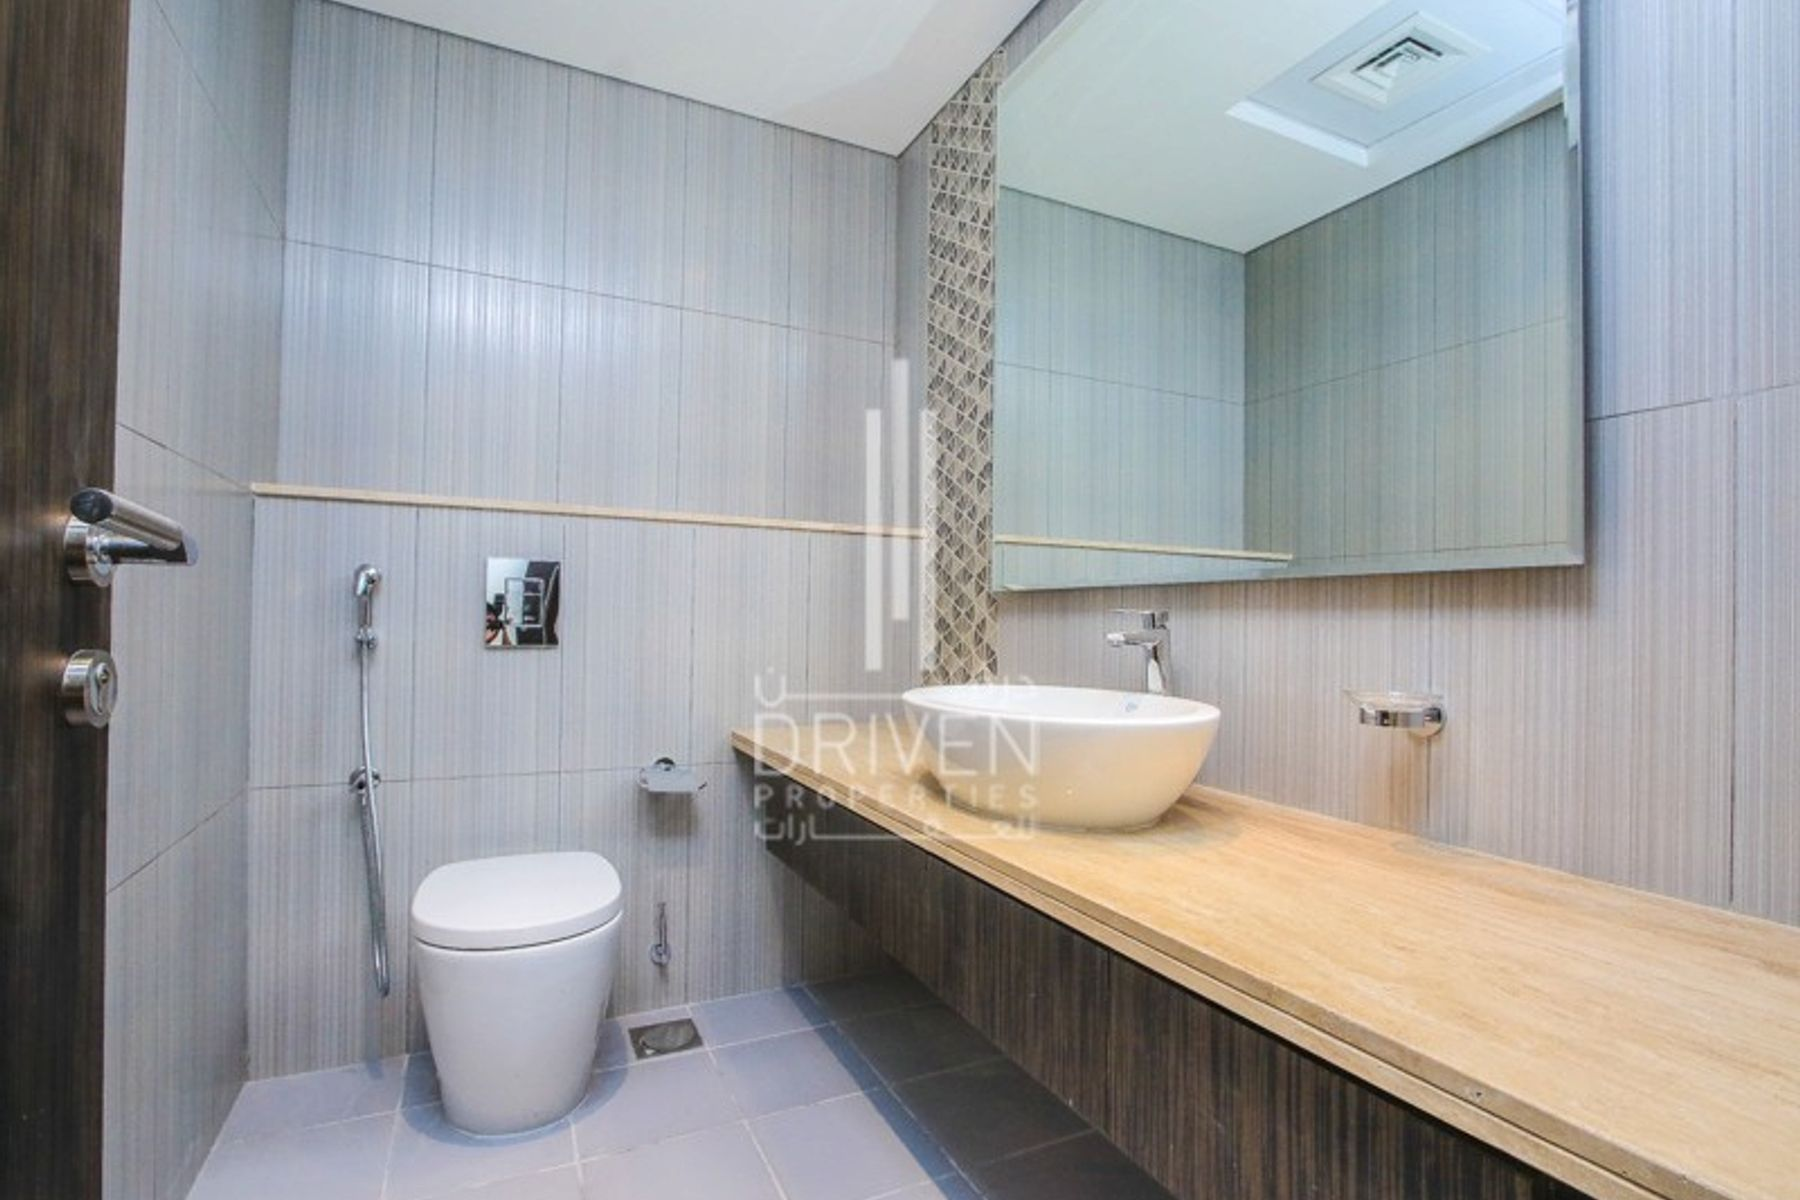 للبيع - شقة - 1 جولف فيستا - داماك هيلز (أكويا باي داماك)